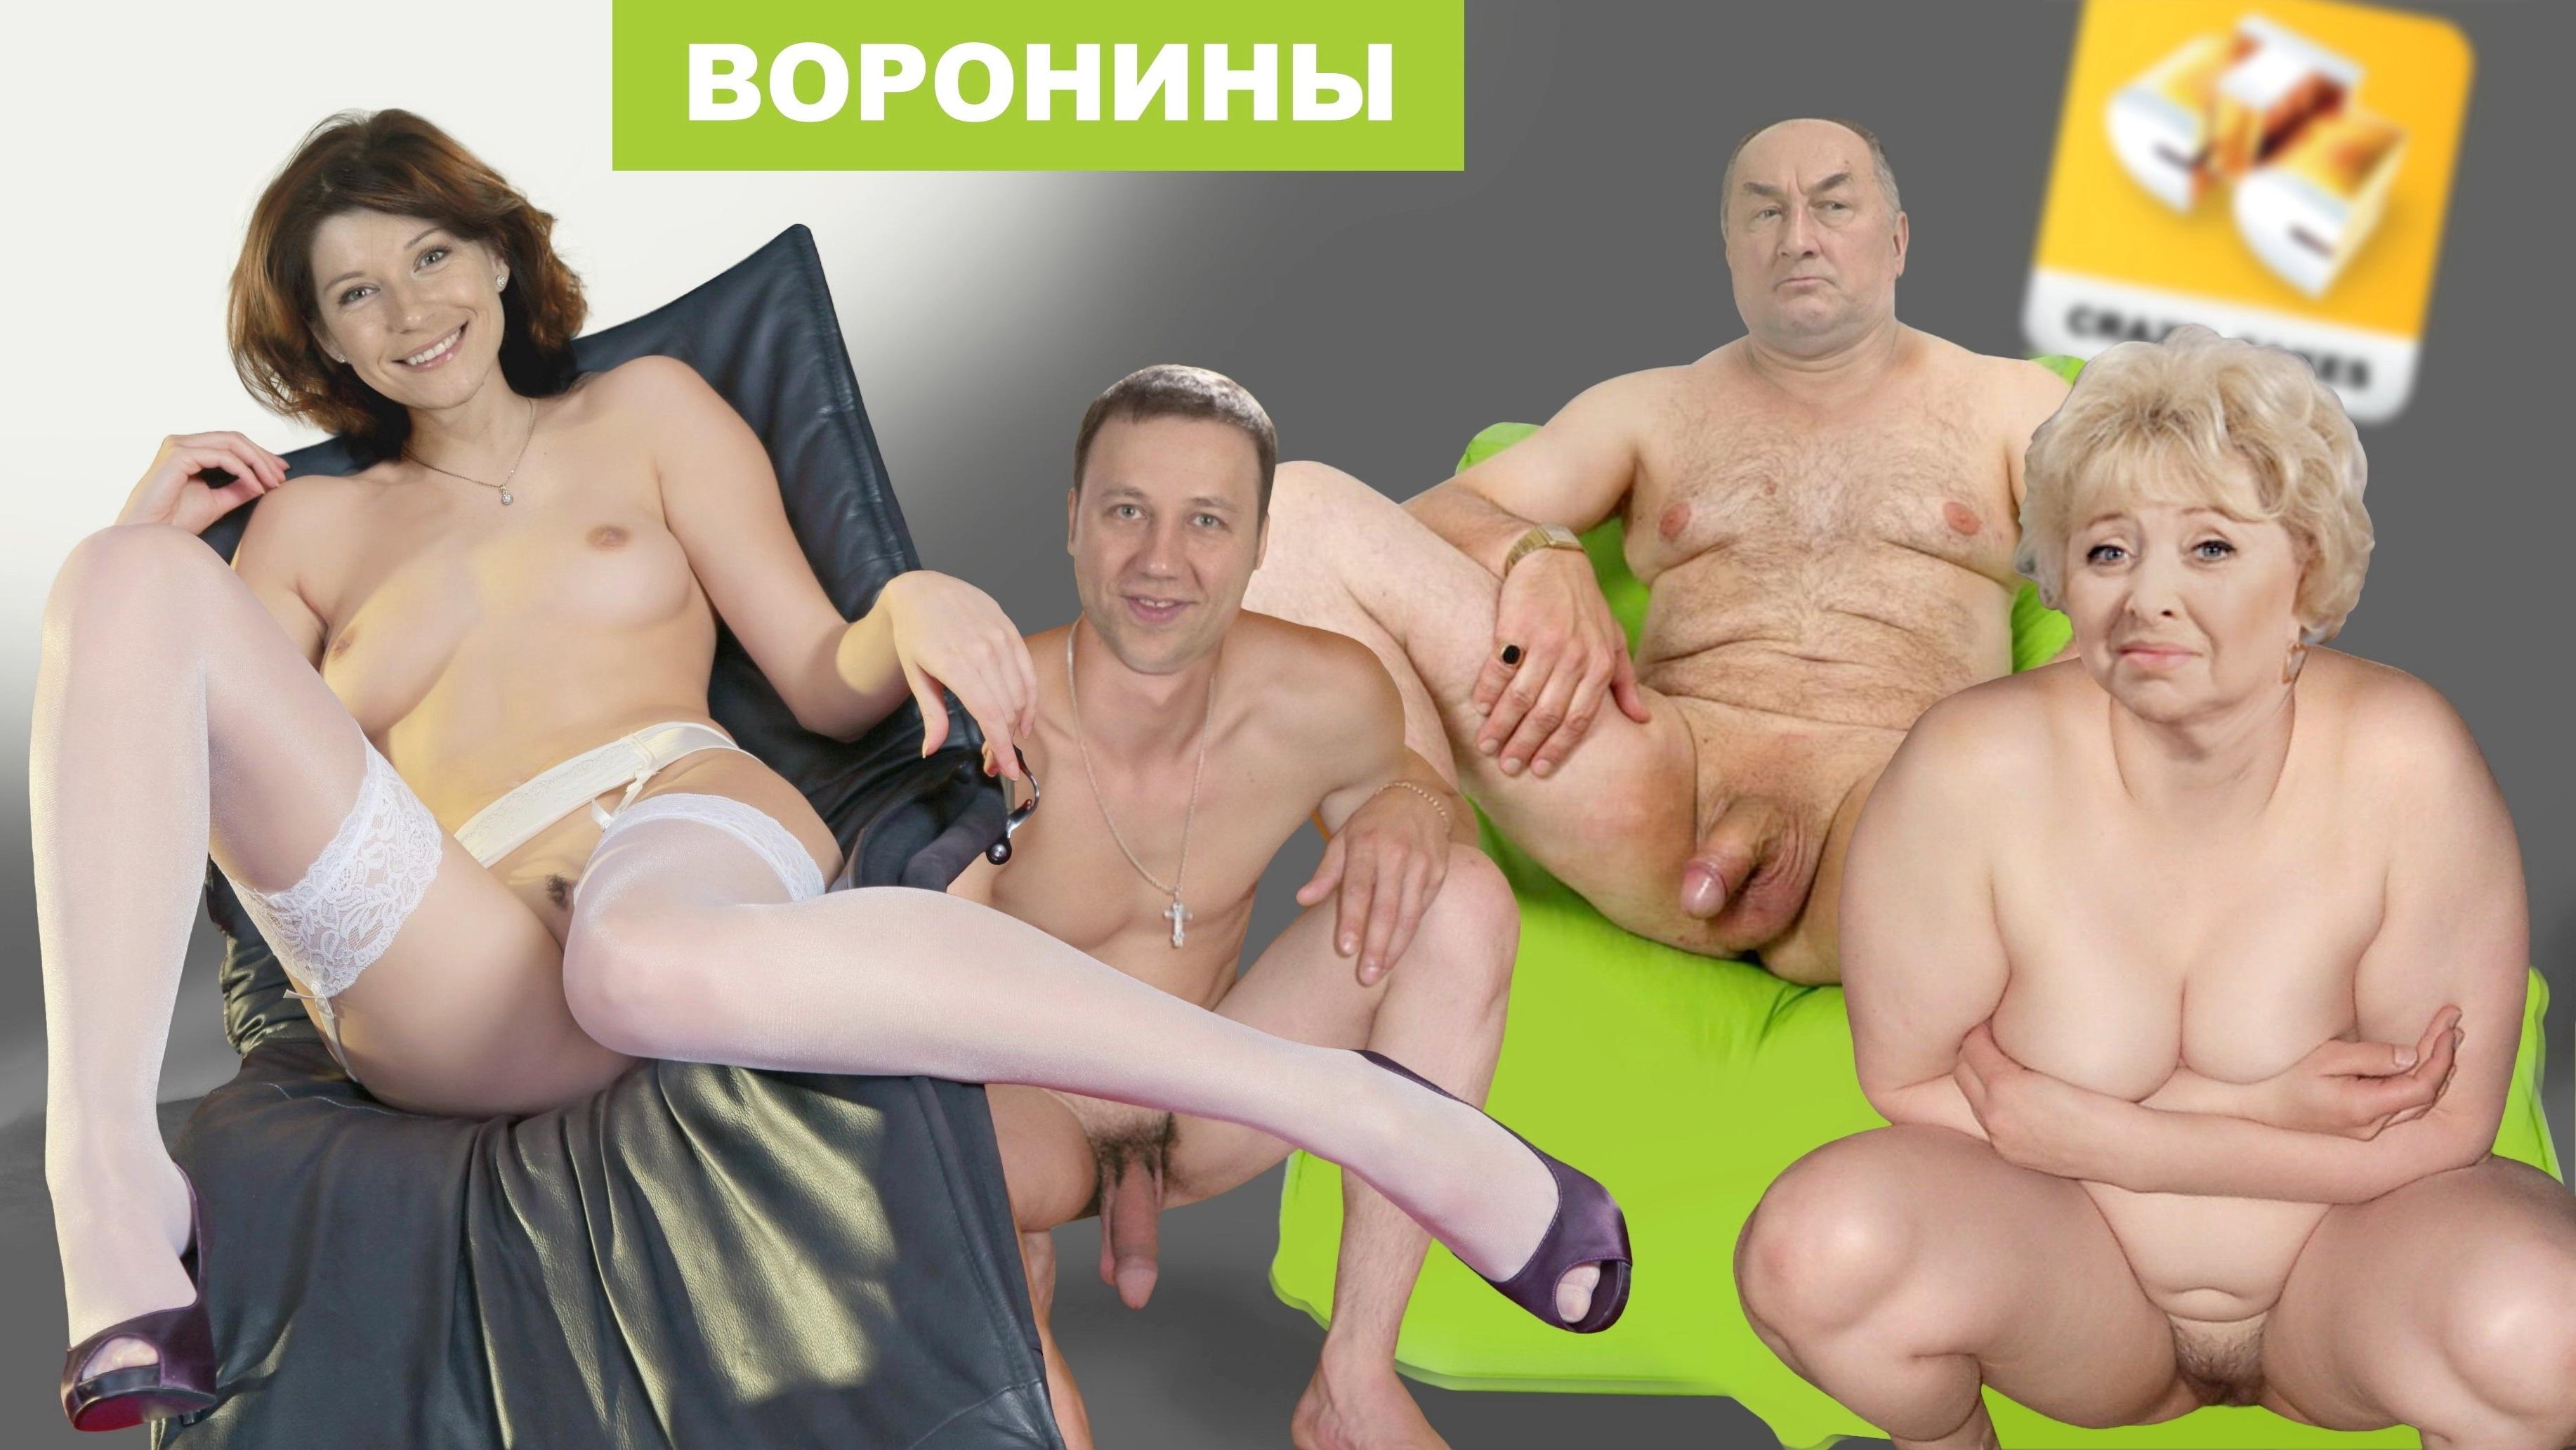 Порно Фото Героев Сериала Воронины